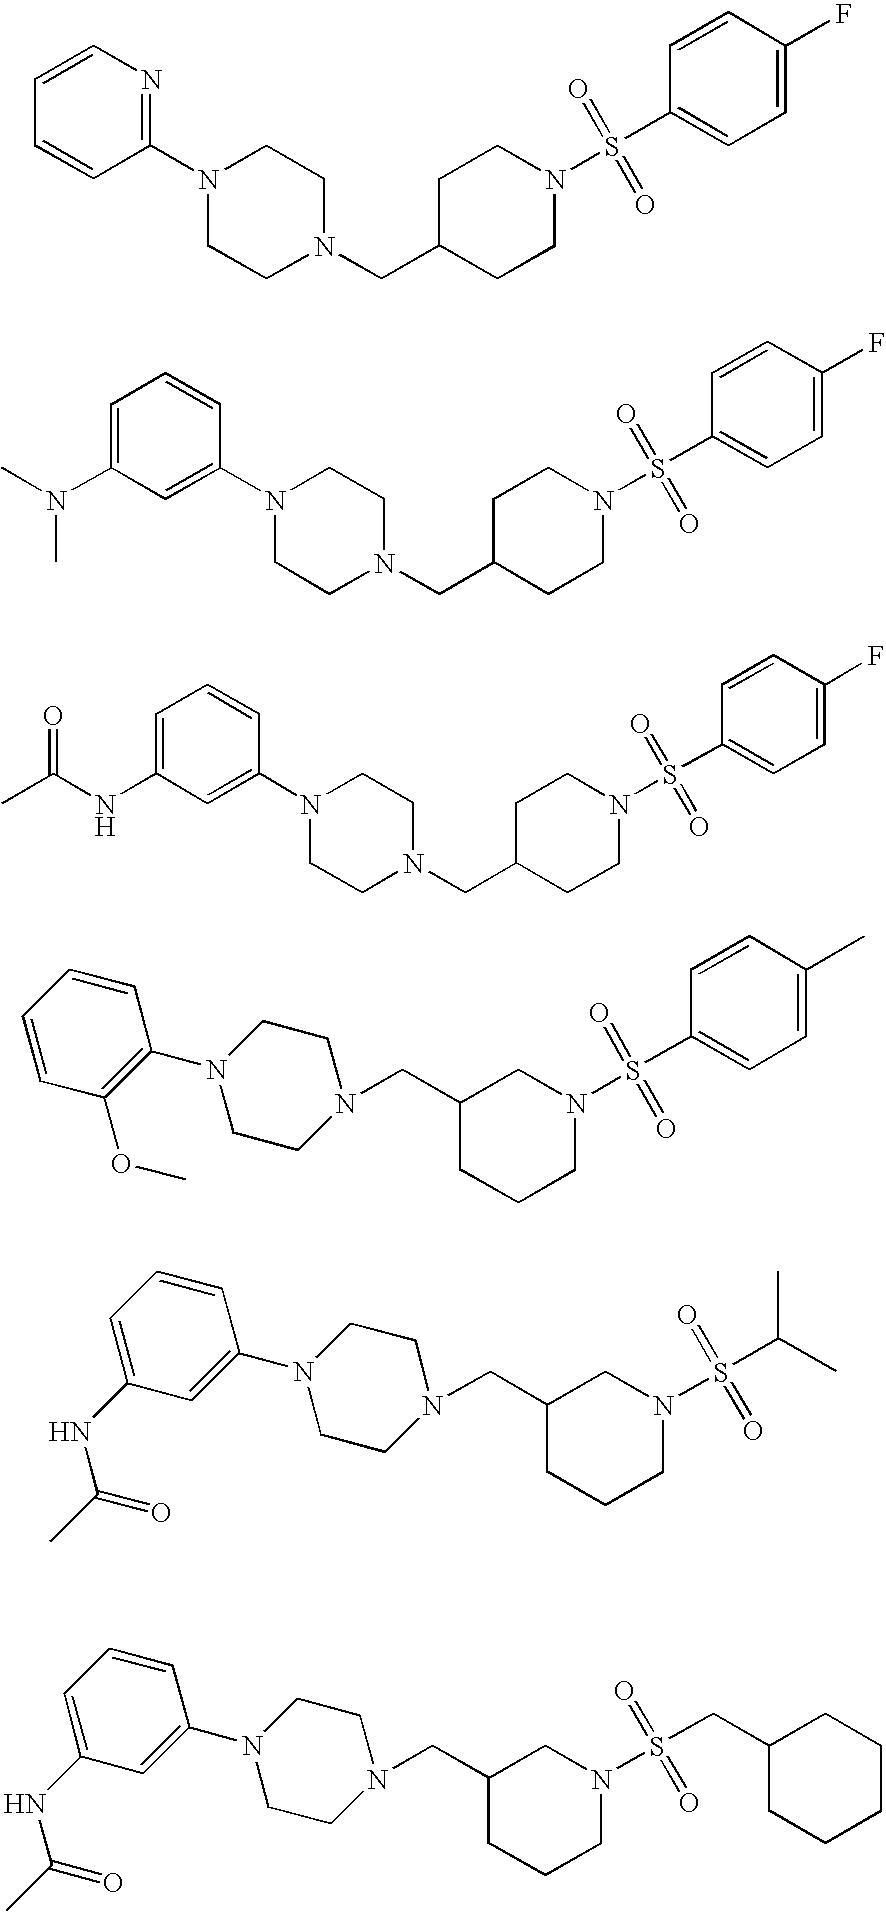 Figure US20100009983A1-20100114-C00142